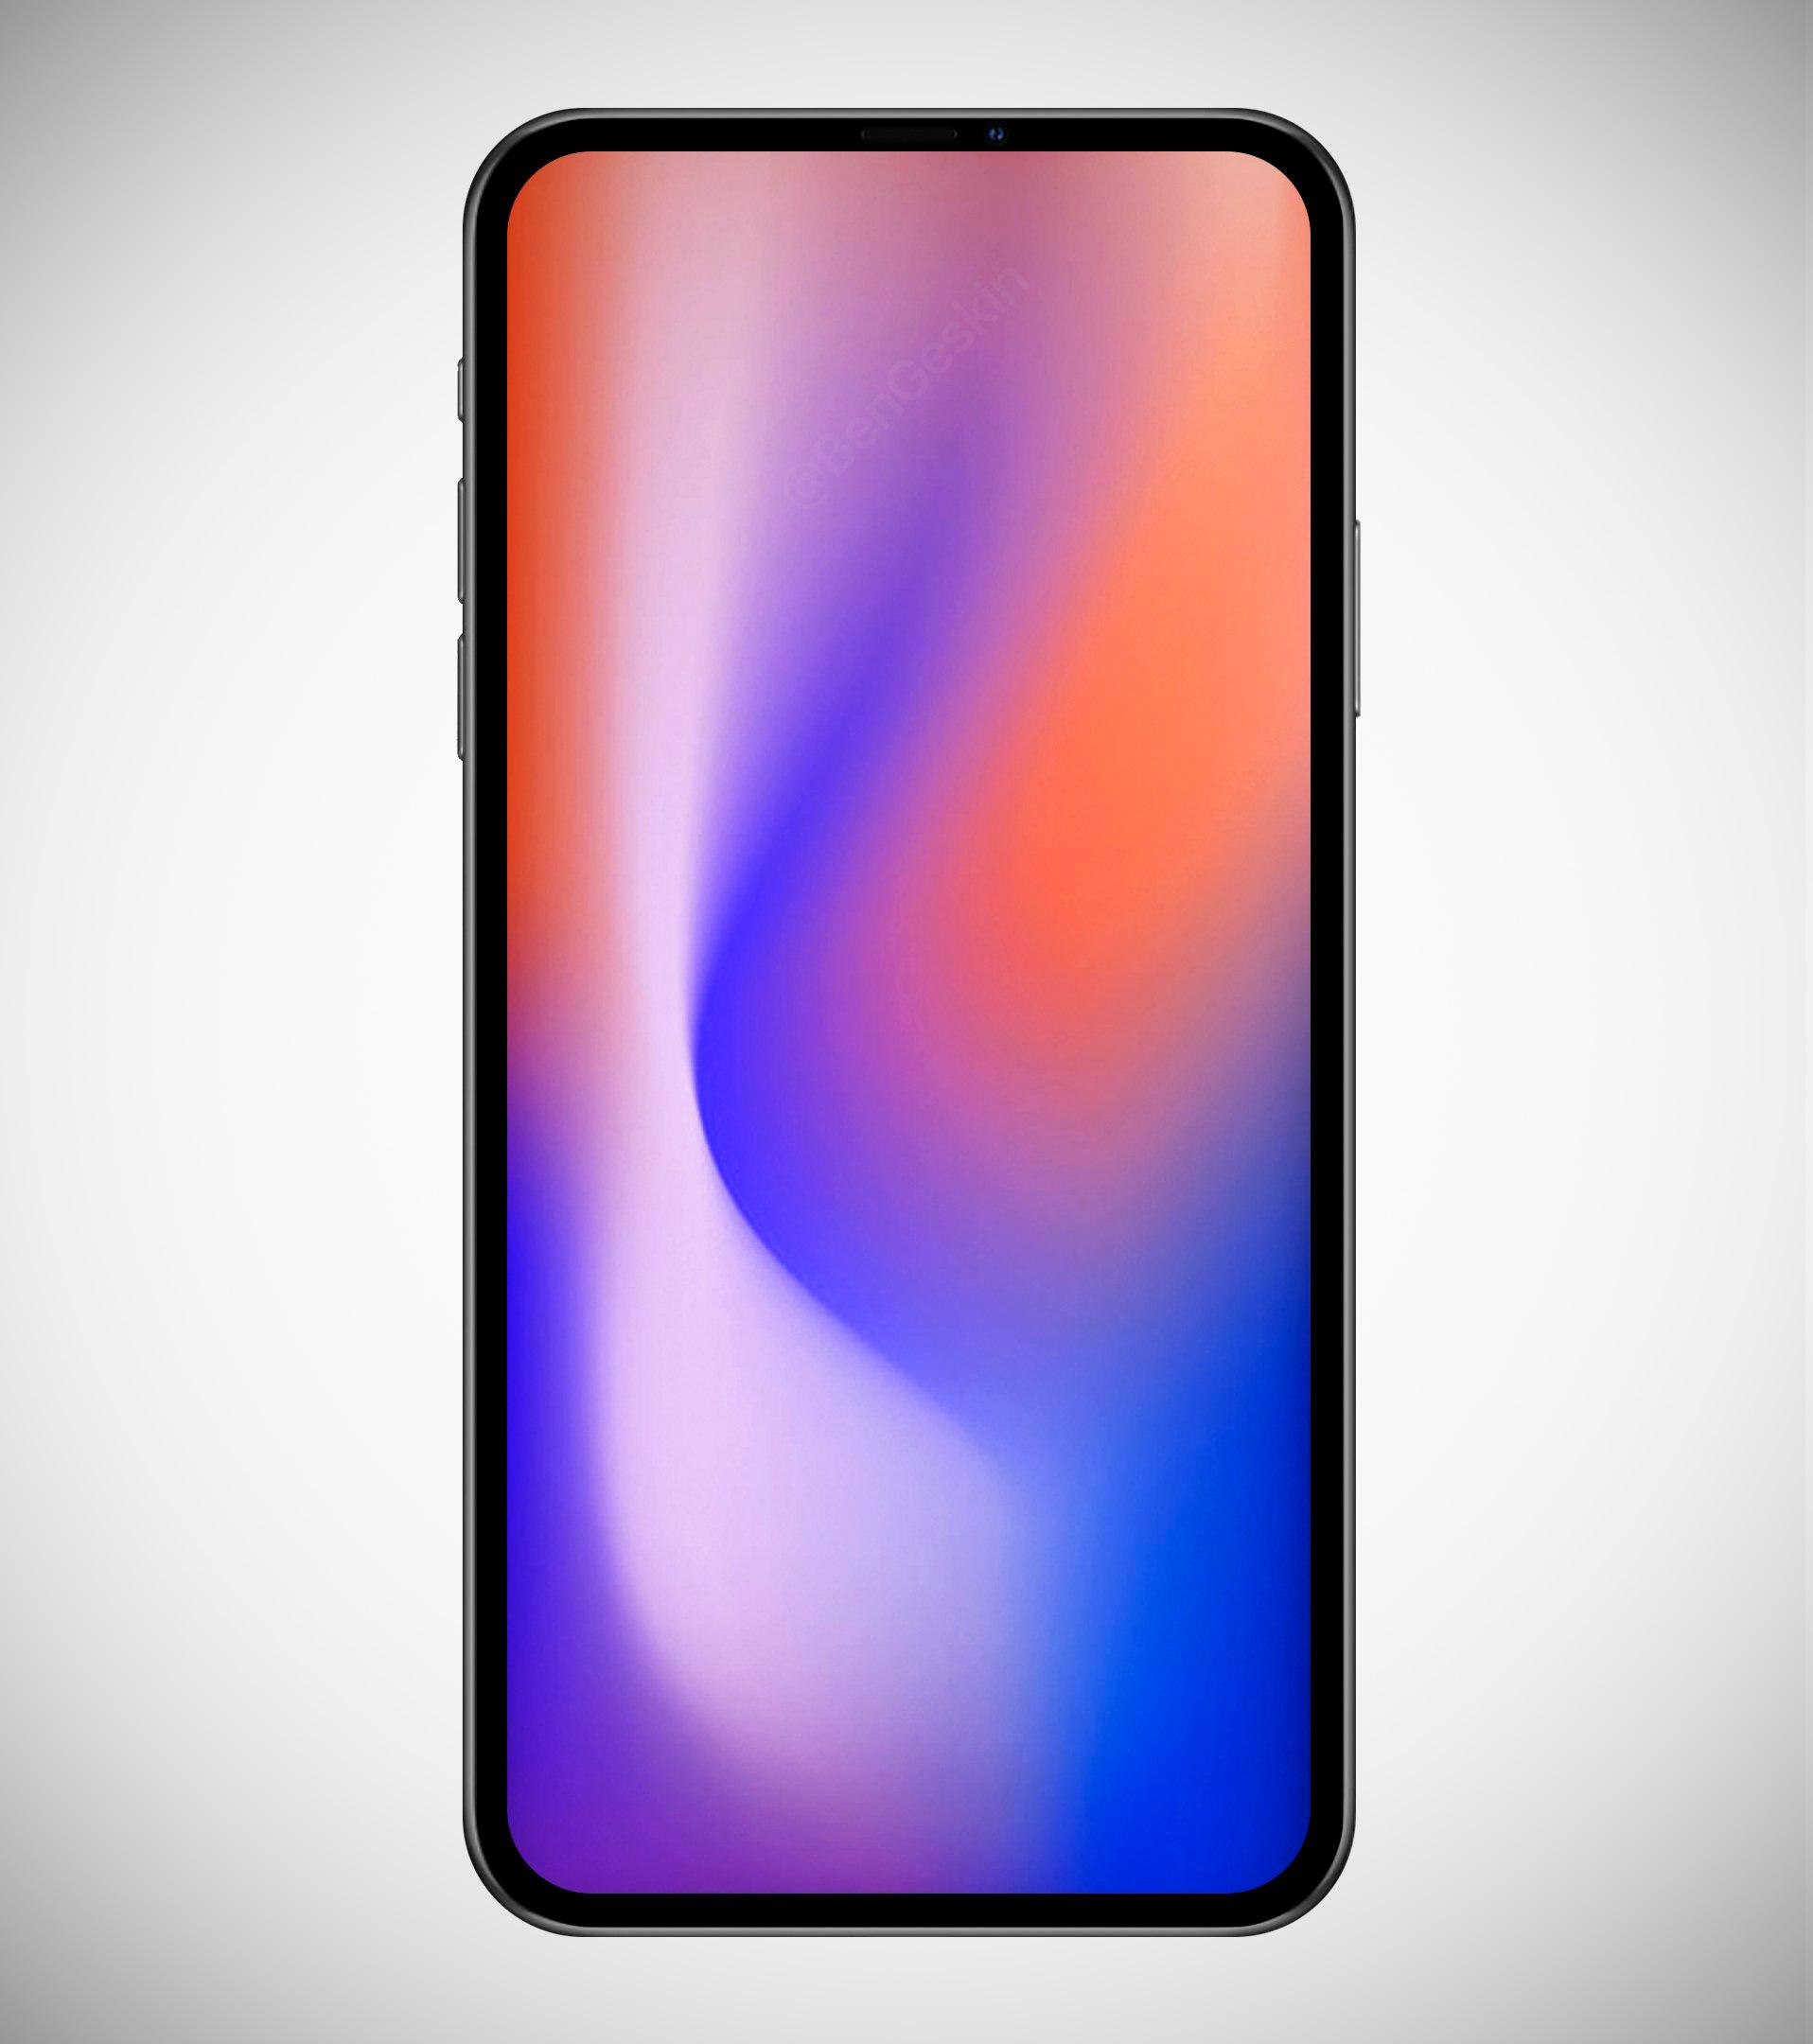 2020 iPhone Prototype